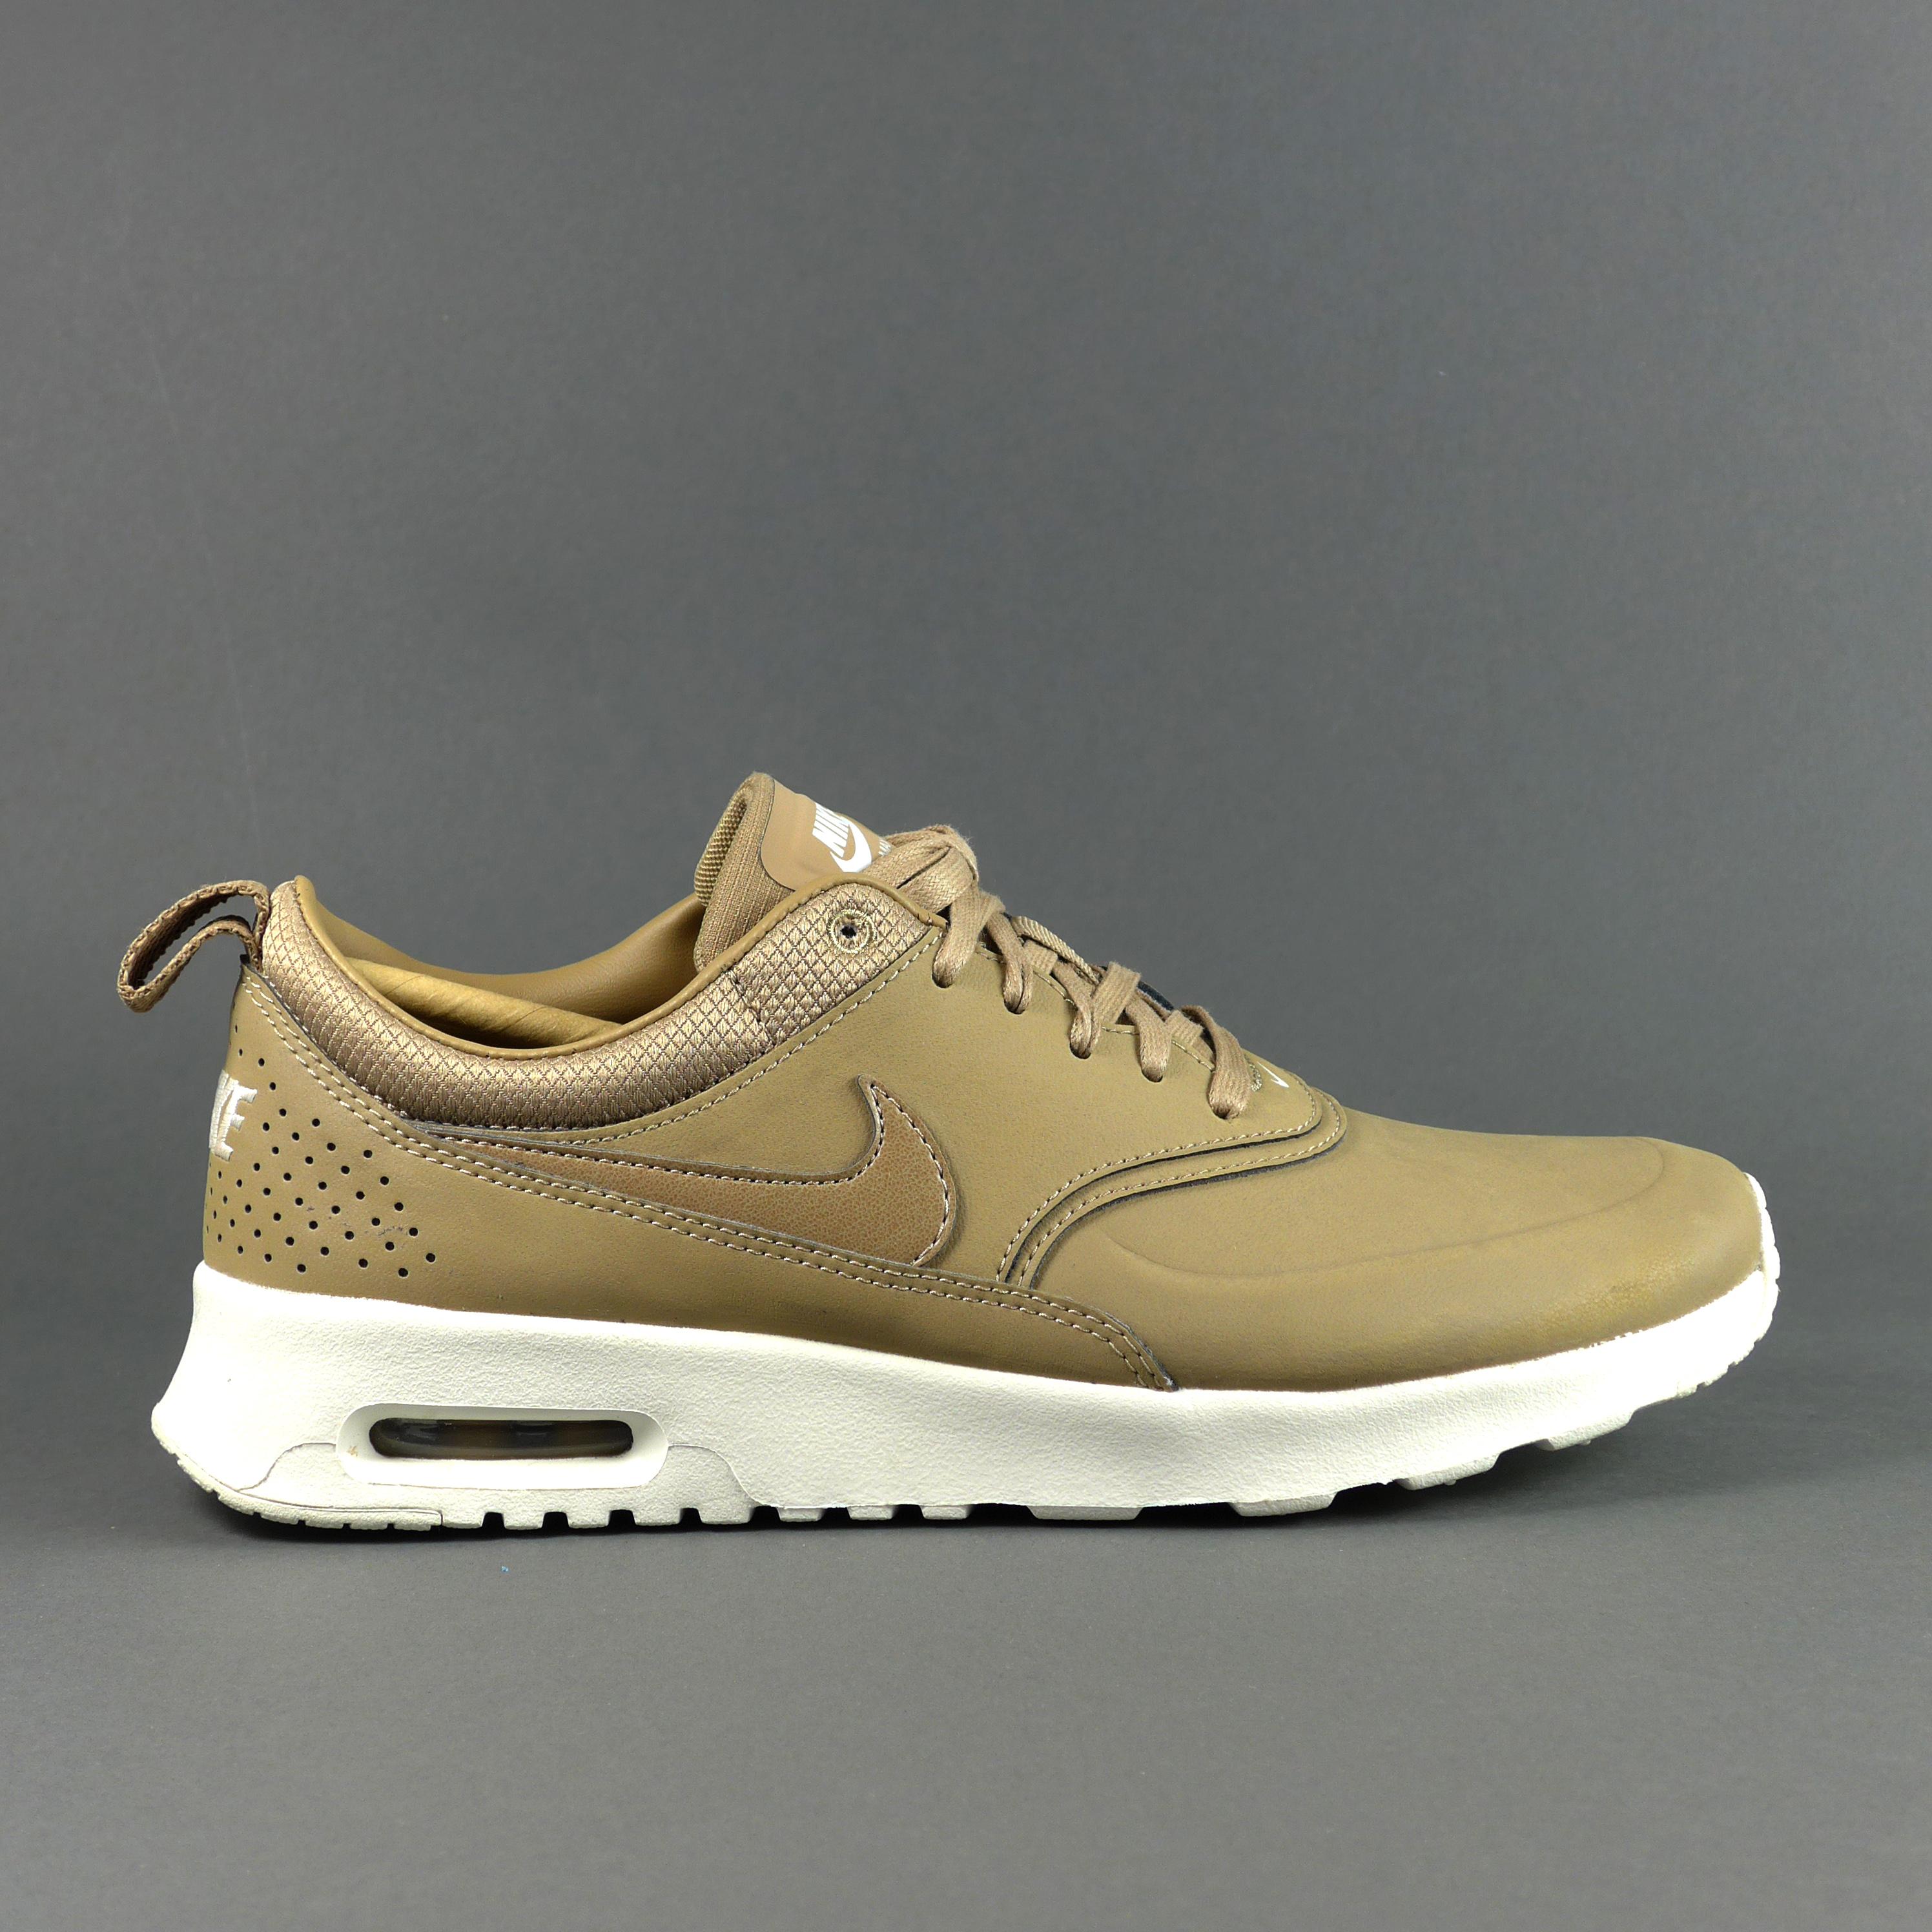 Nike Air Max Thea Beige Leder